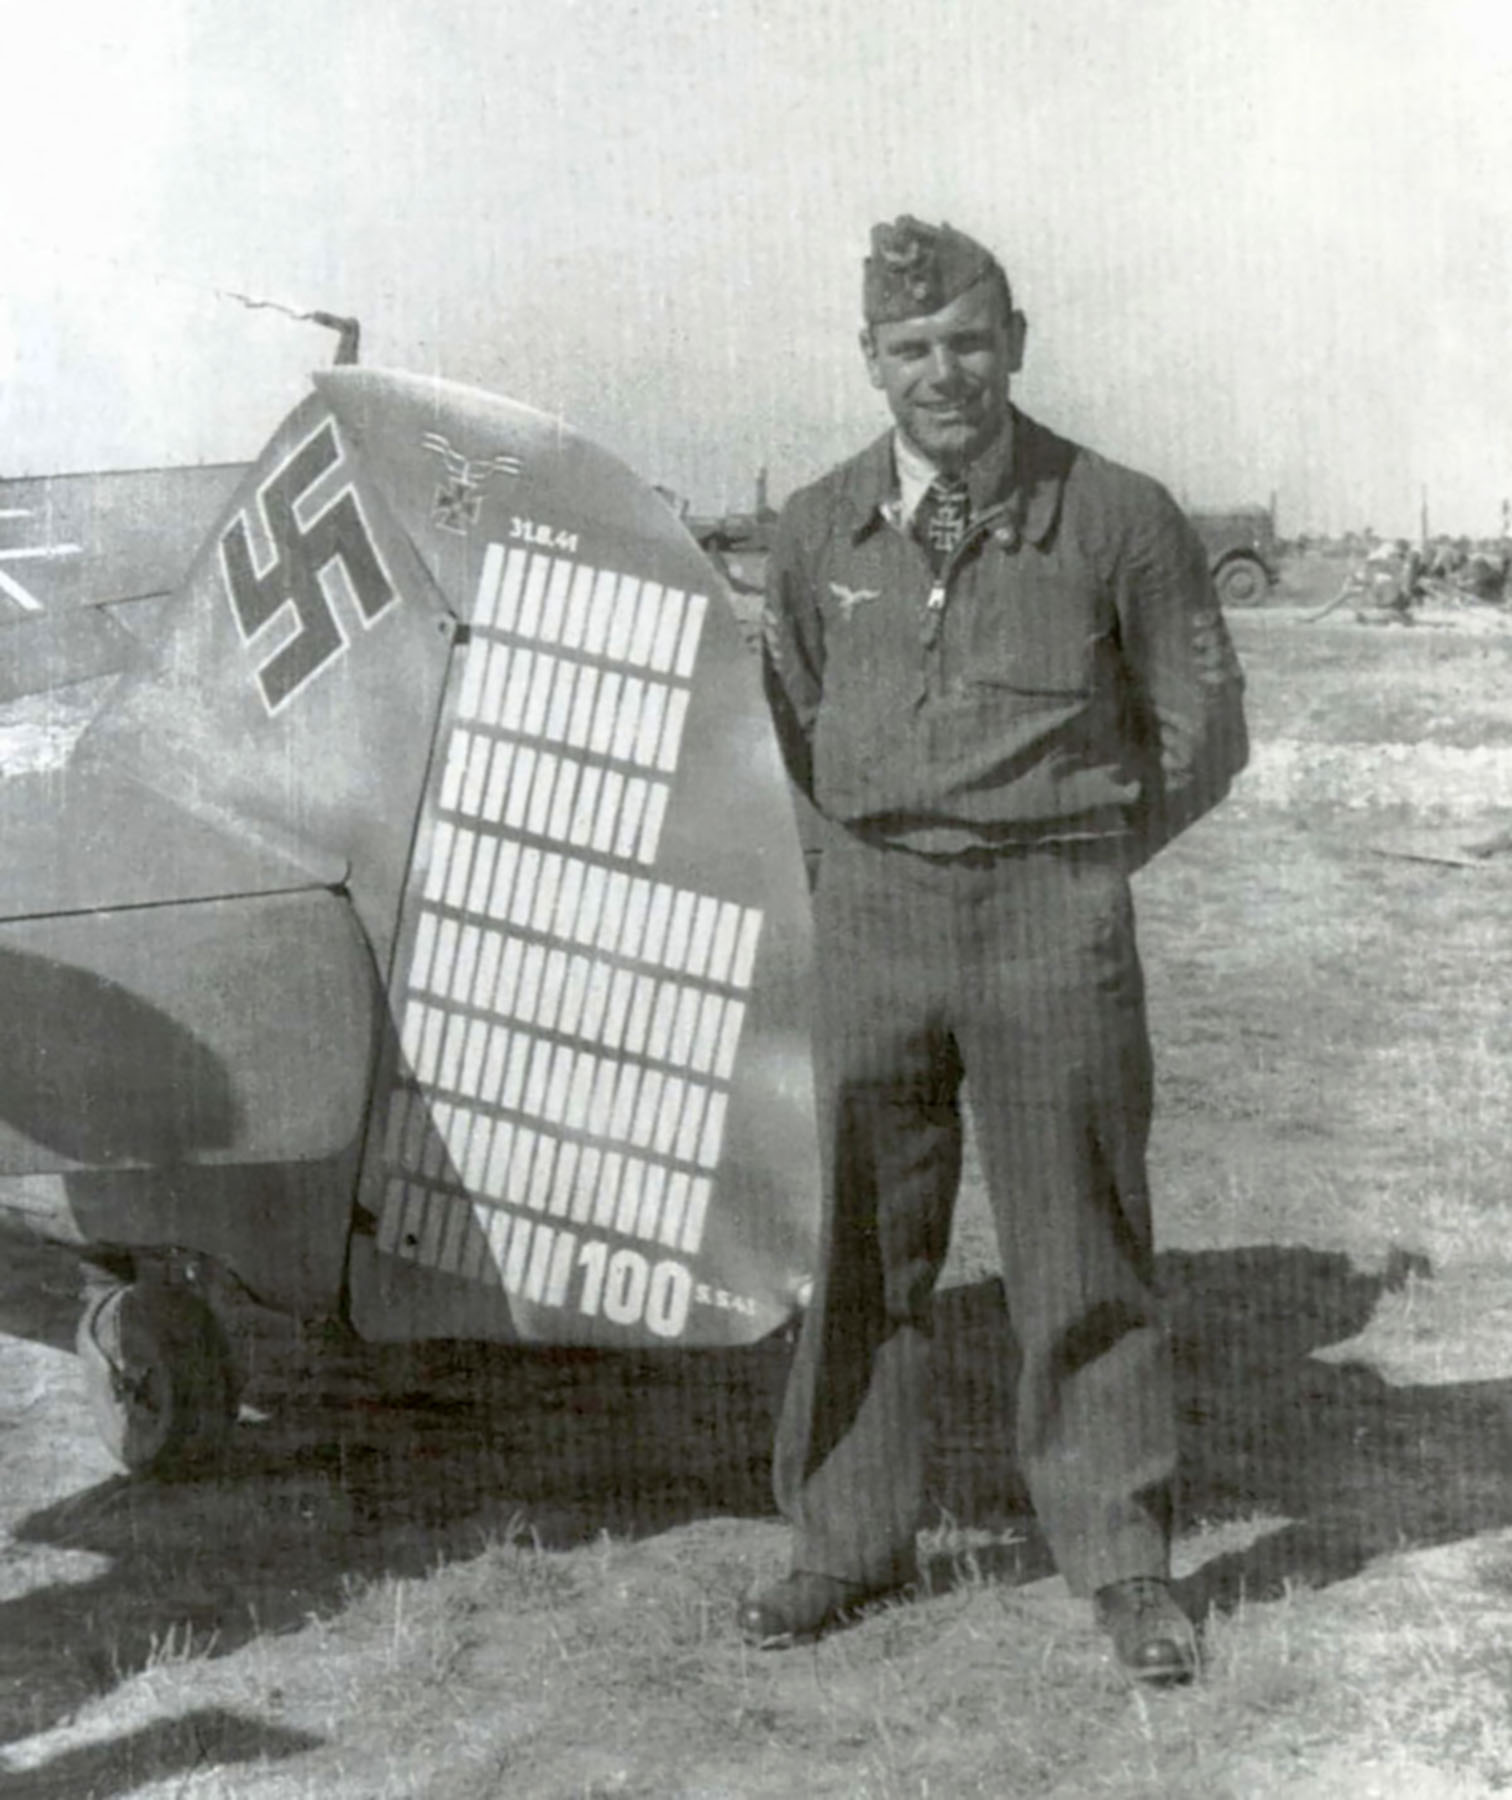 Messerschmitt Bf 109G4 7.JG52 Hans Dammers WNr 19526 Taman Aug 1943 01